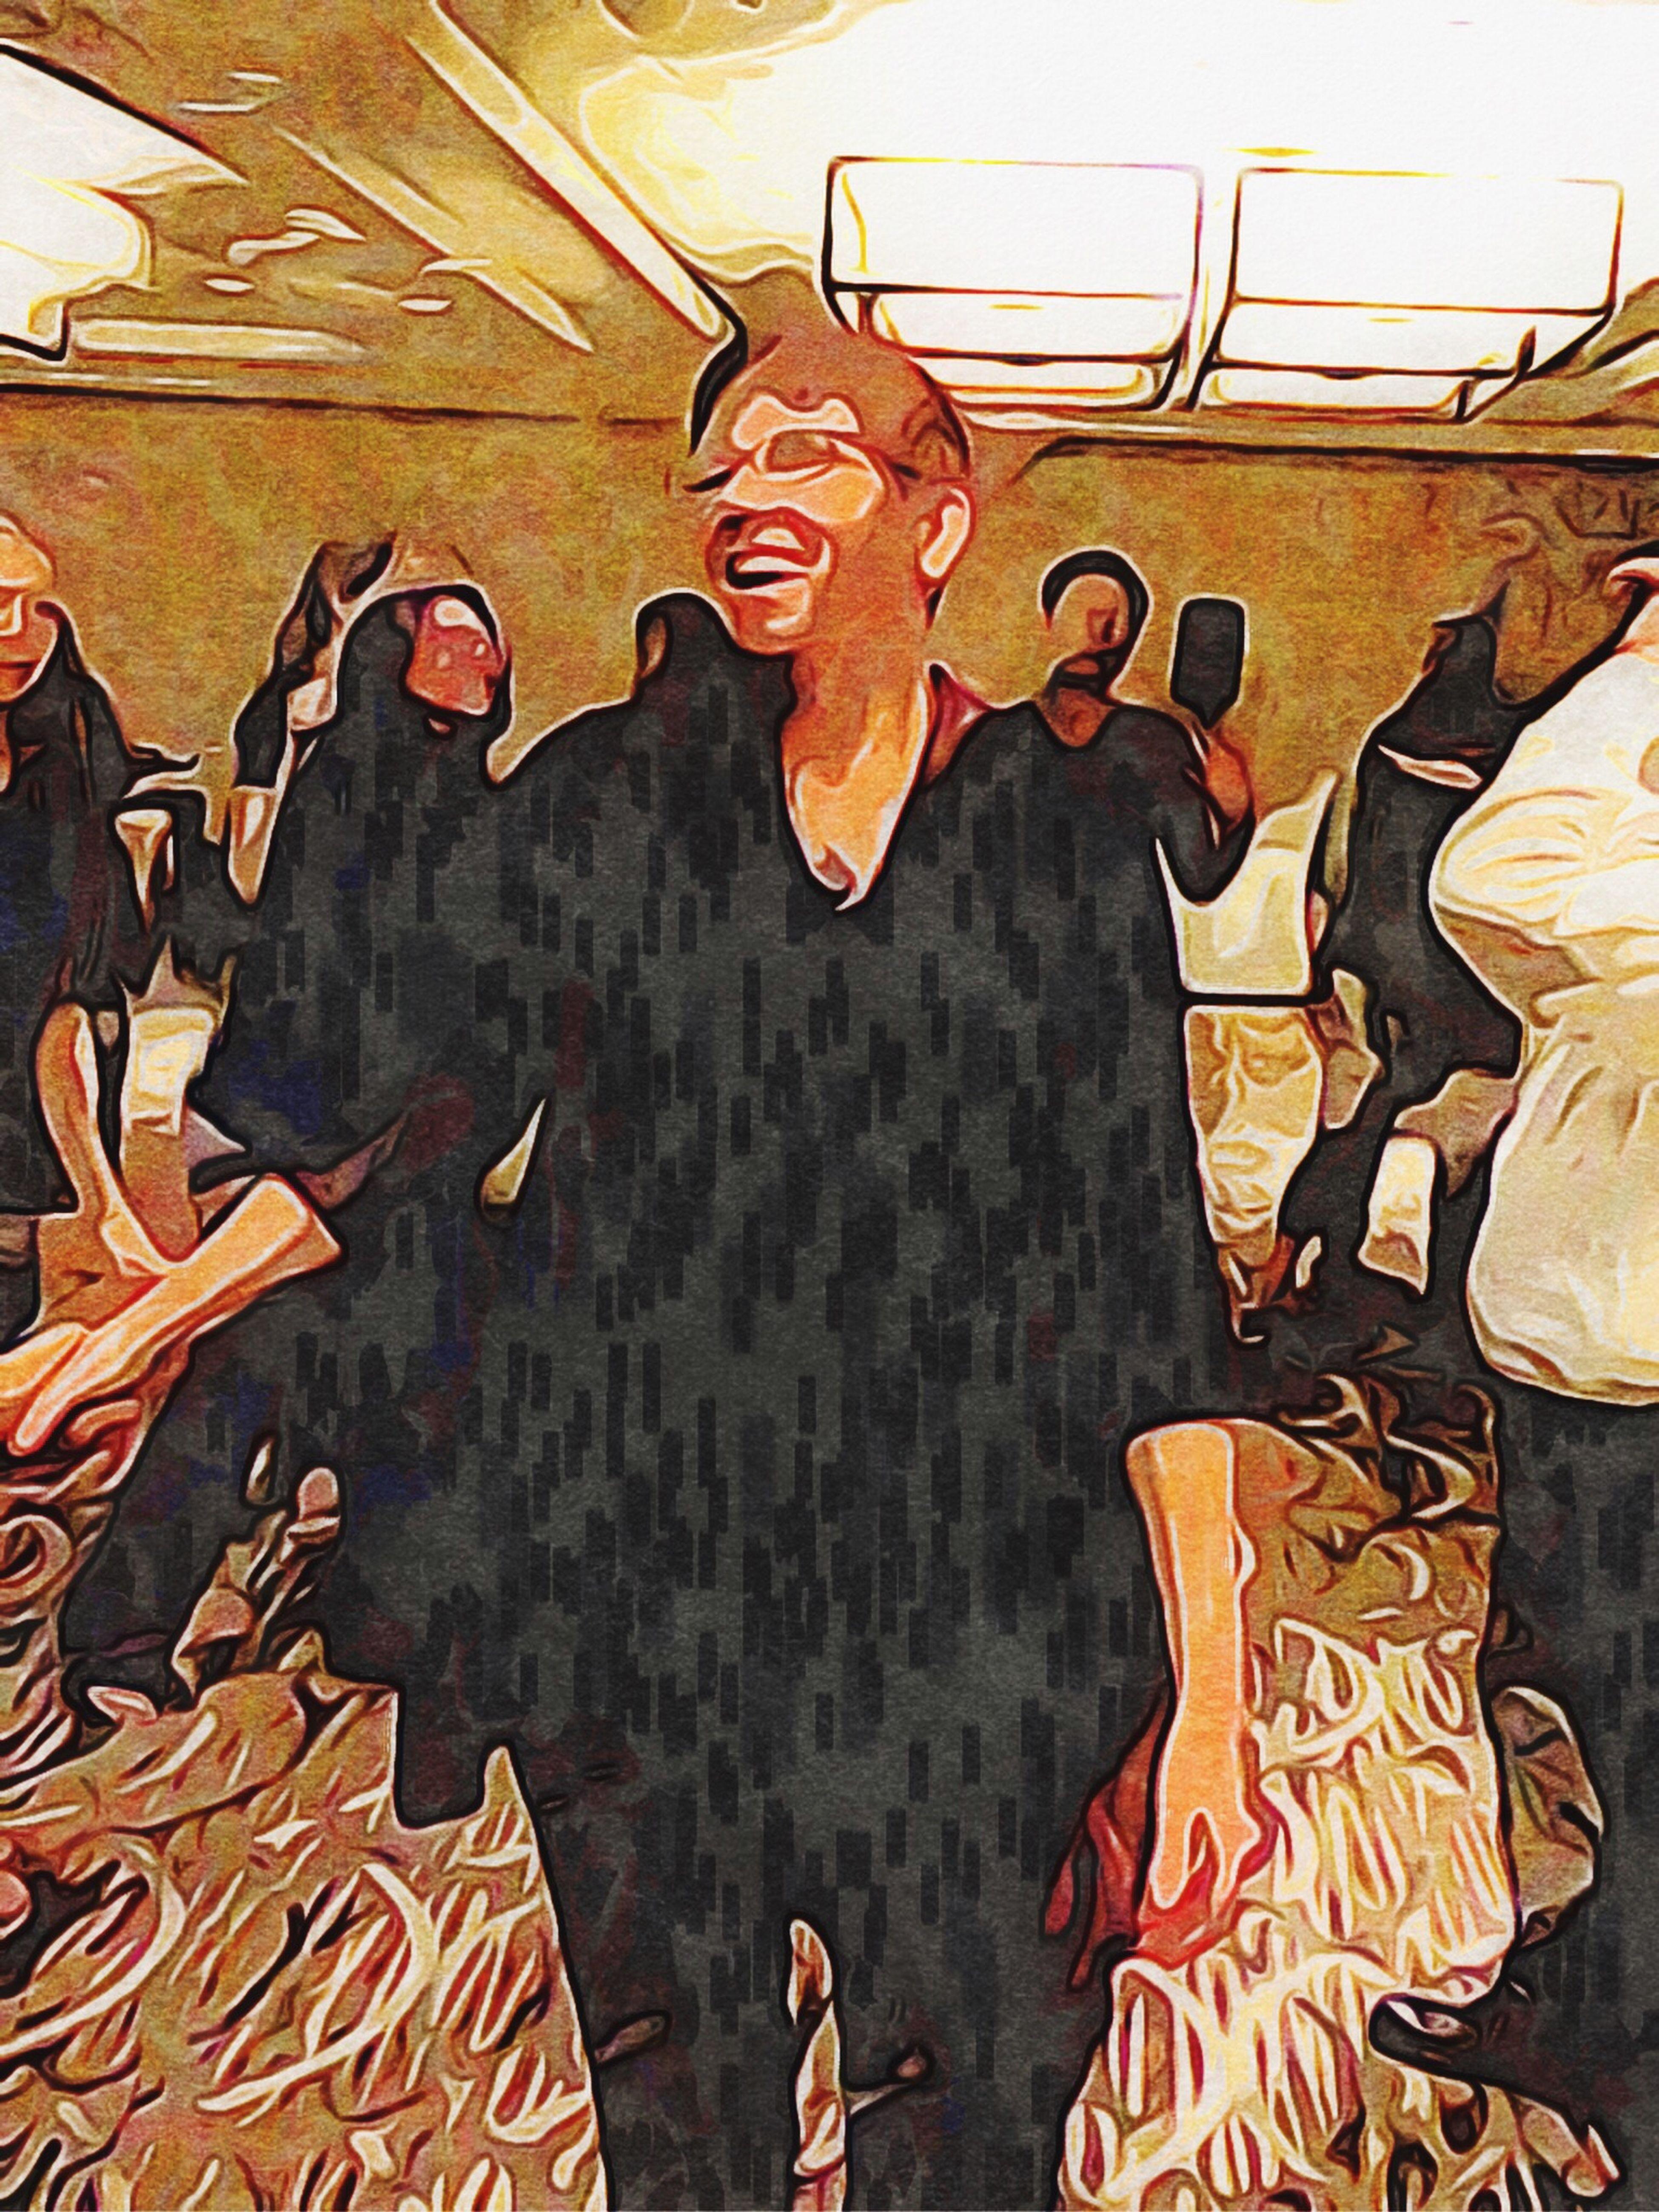 Diggin' the Dancing Queens, 2. NEM Mood NEM GoodKarma Mob Fiction NEM Painterly NEM Boundlesslove NEM Submissions